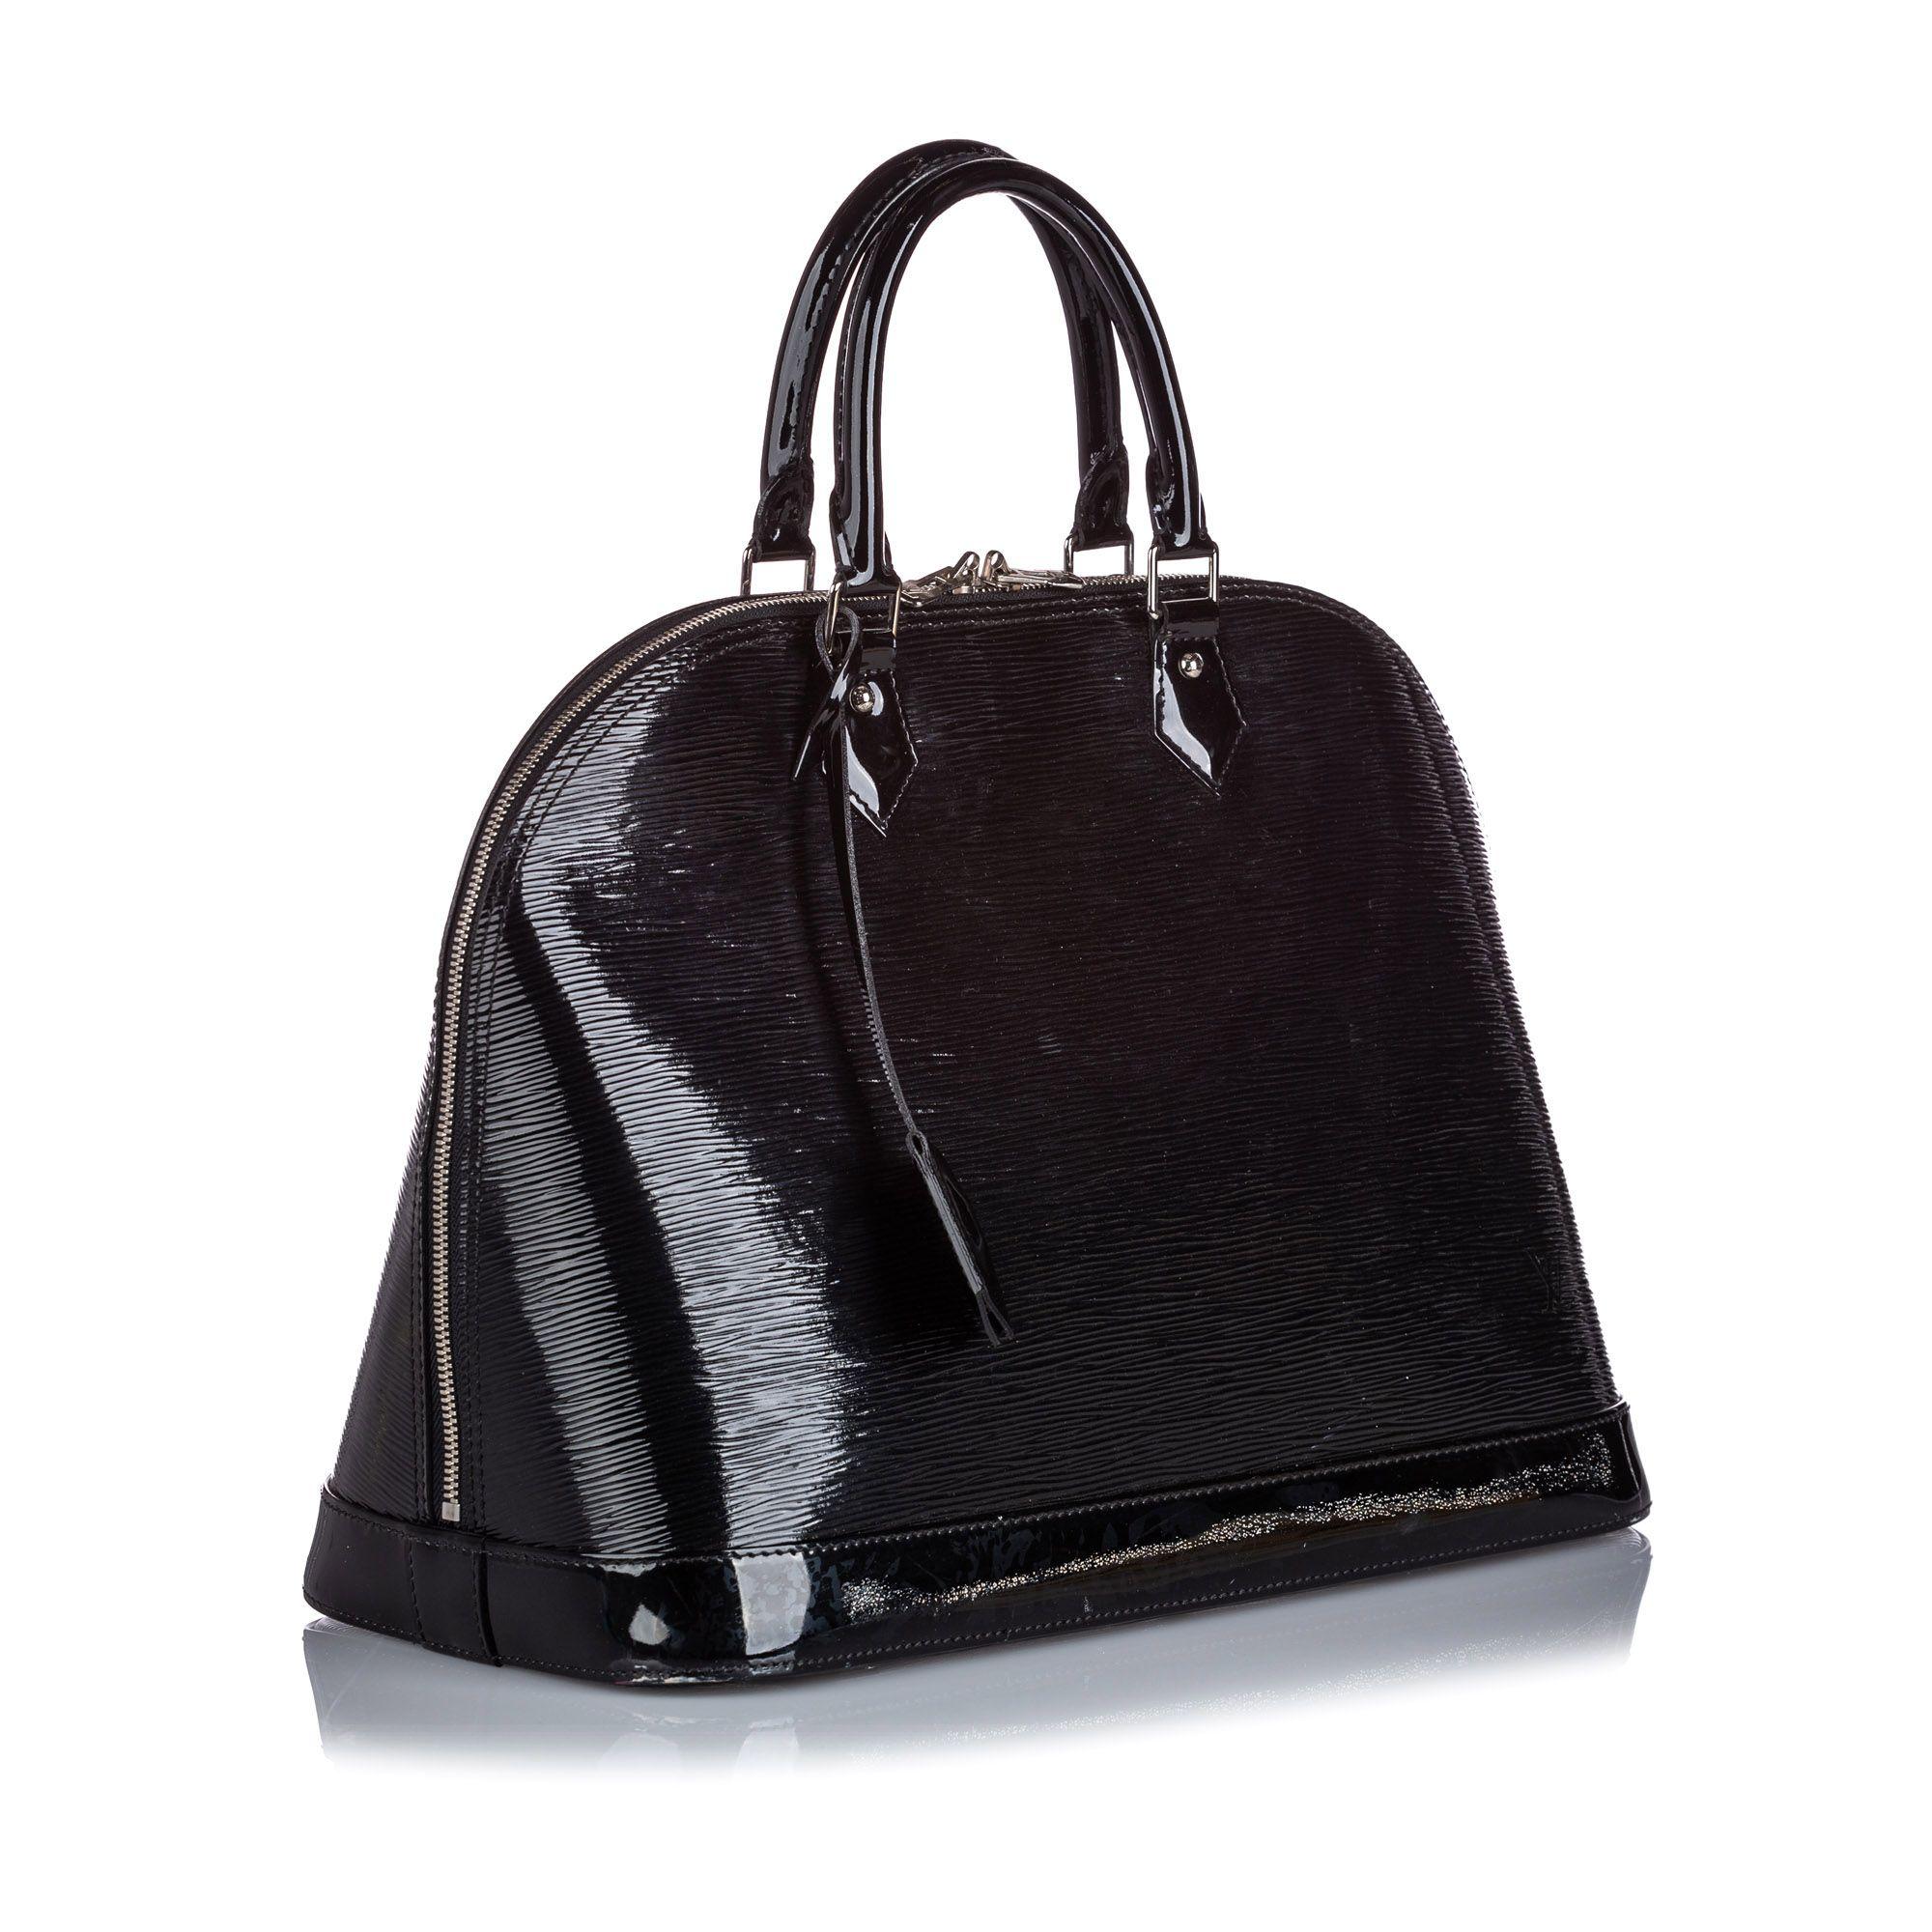 Vintage Louis Vuitton Electric Epi Alma PM Black